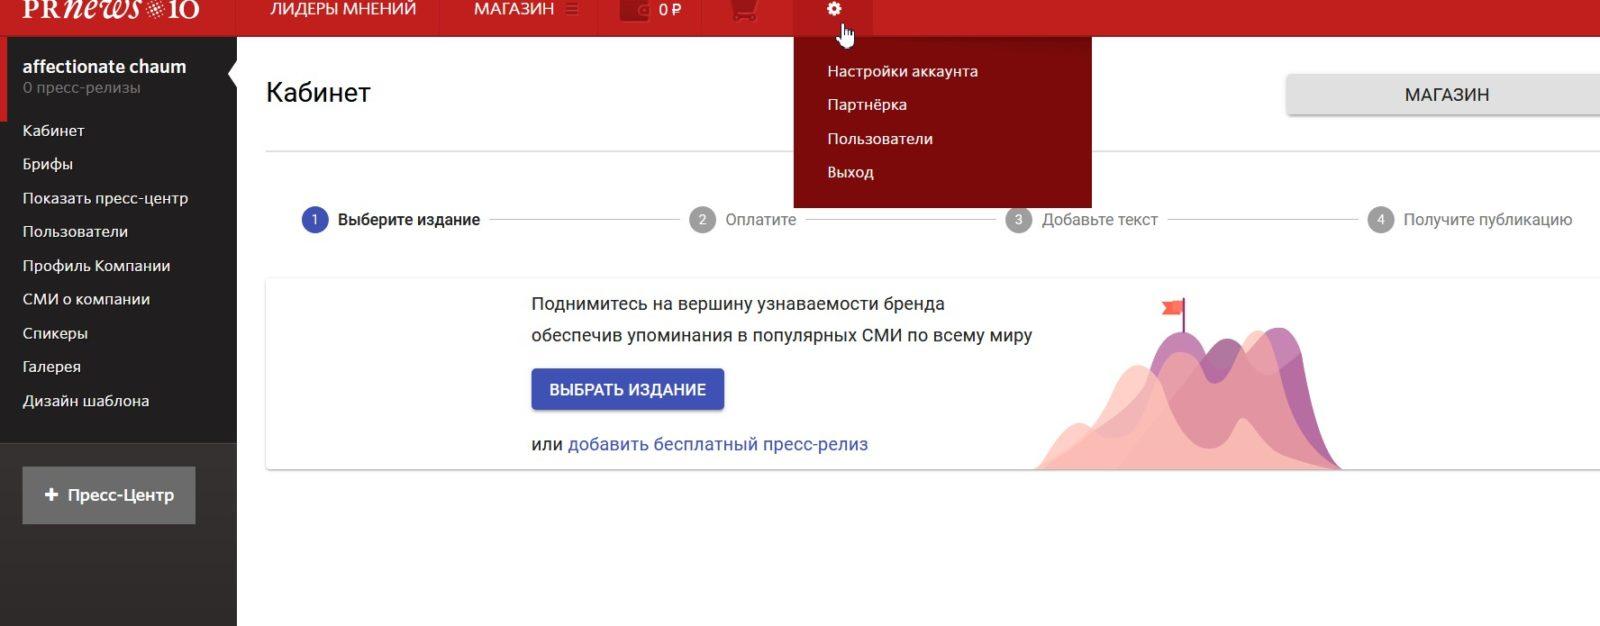 личный кабинет Prnews.io -3